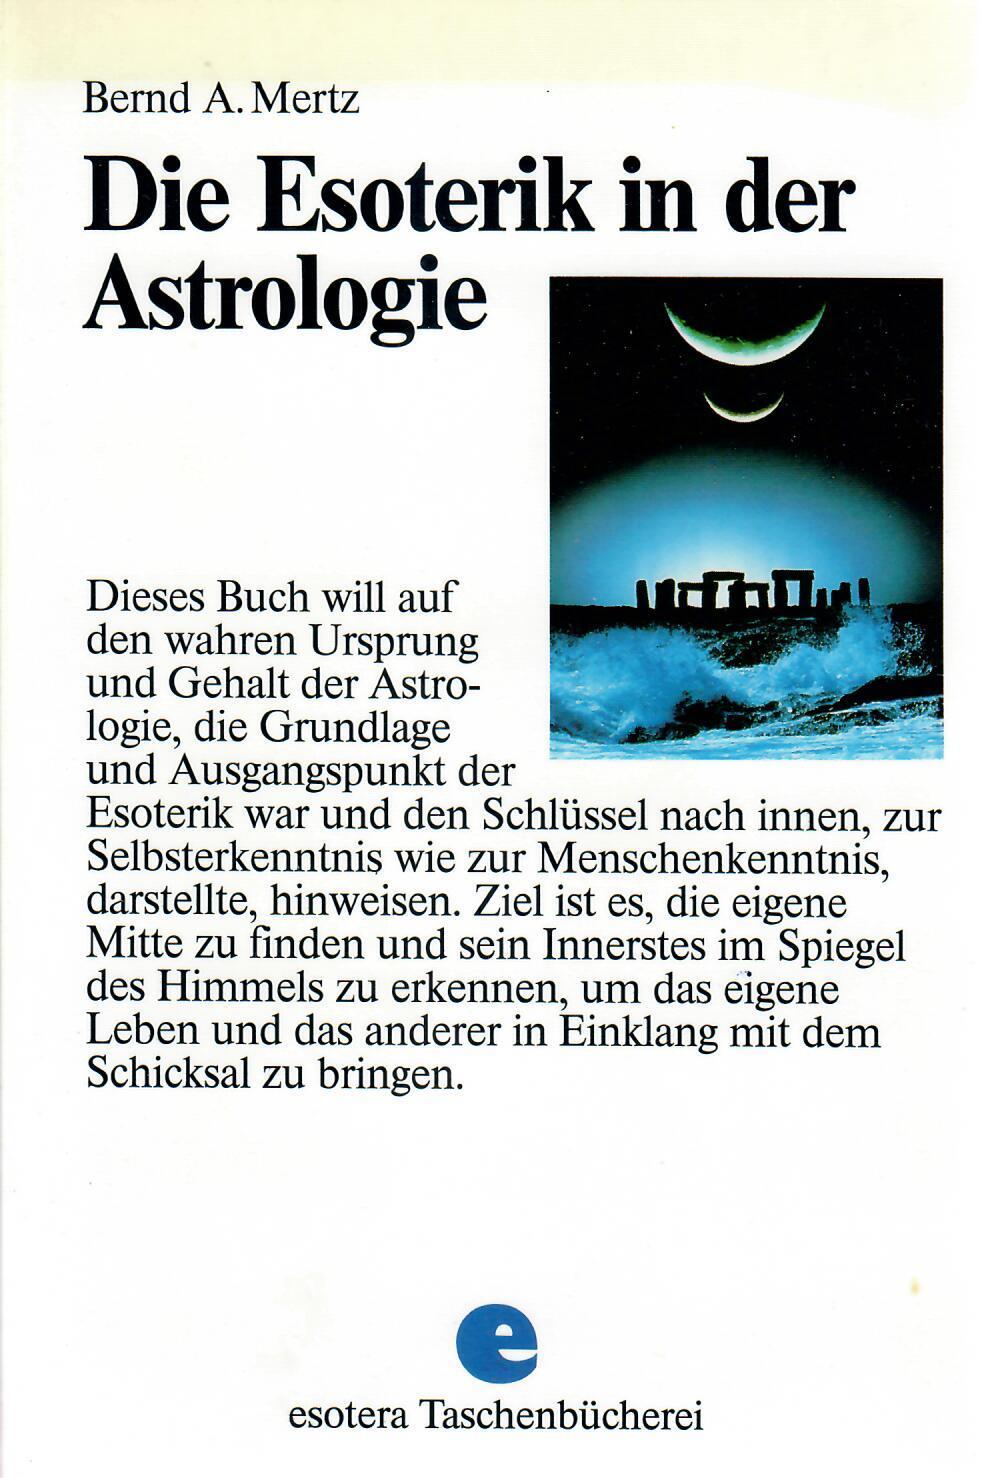 Die Esoterik in der Astrologie